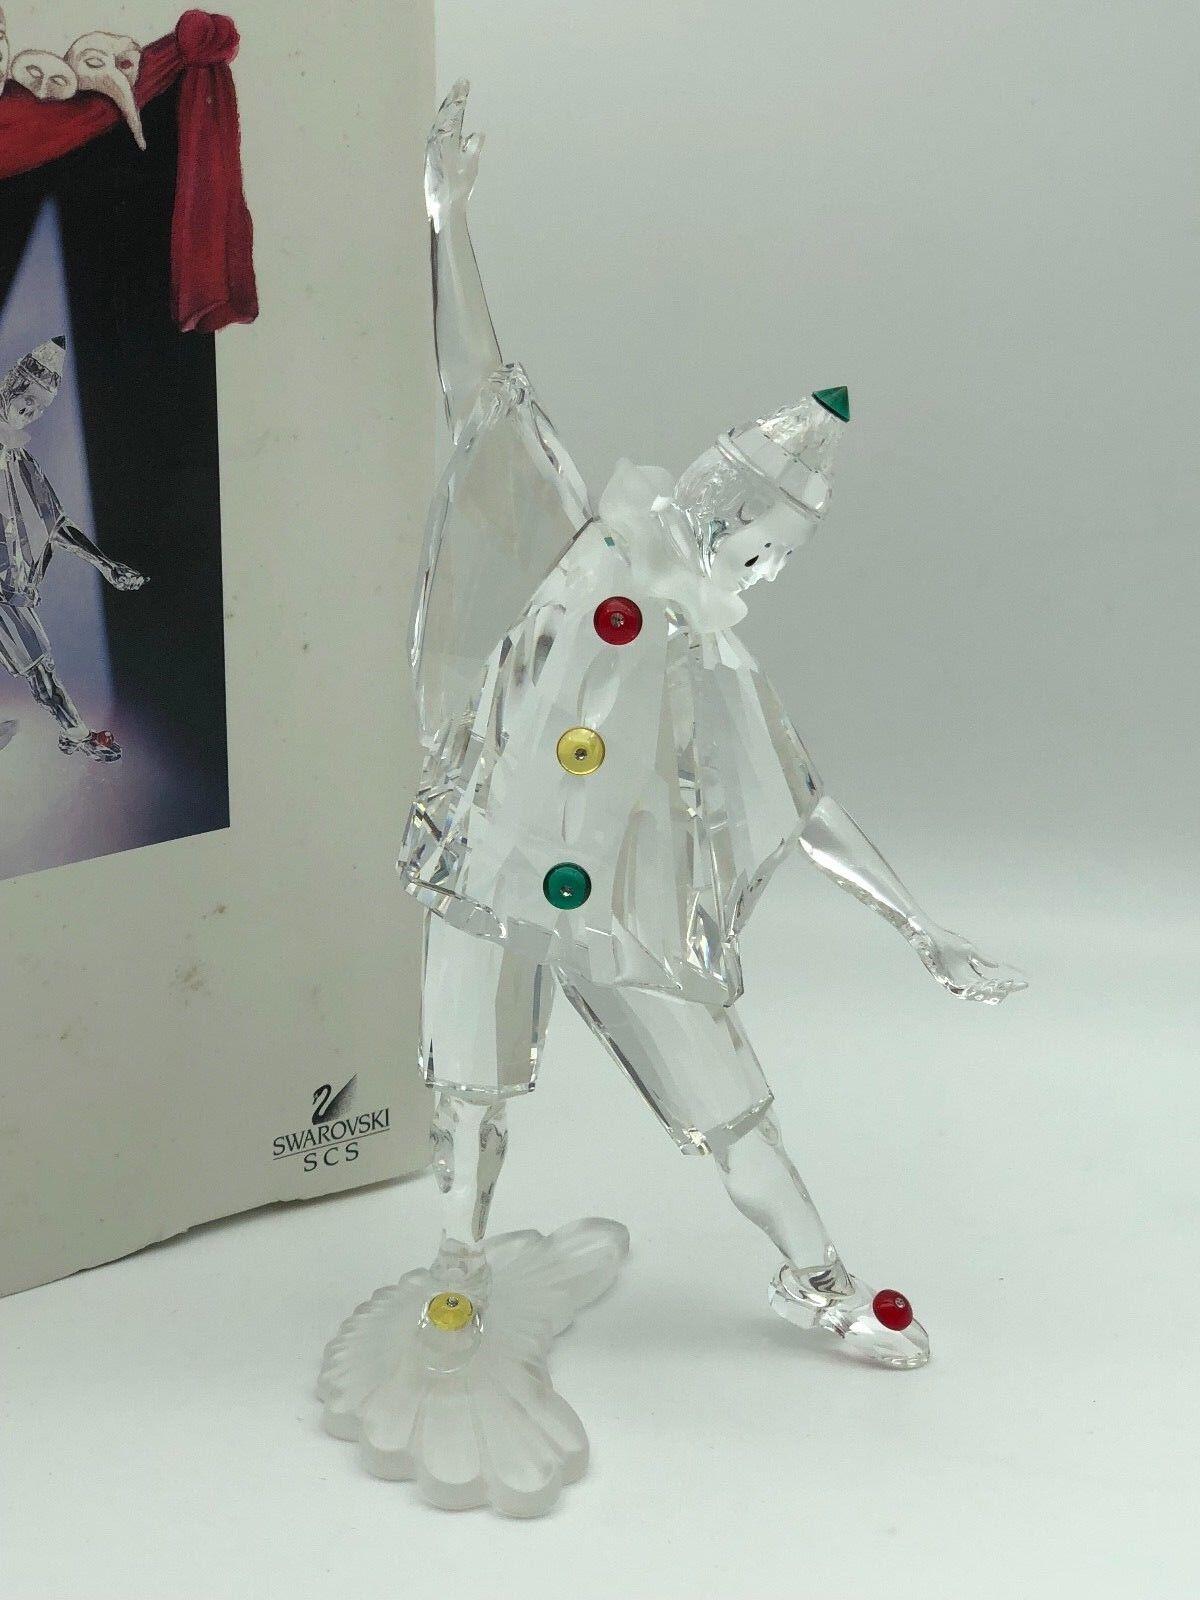 Swarovski Figur 099000 Pierrot 20 cm. Mit Ovp & Zertifikat. Top Zustand